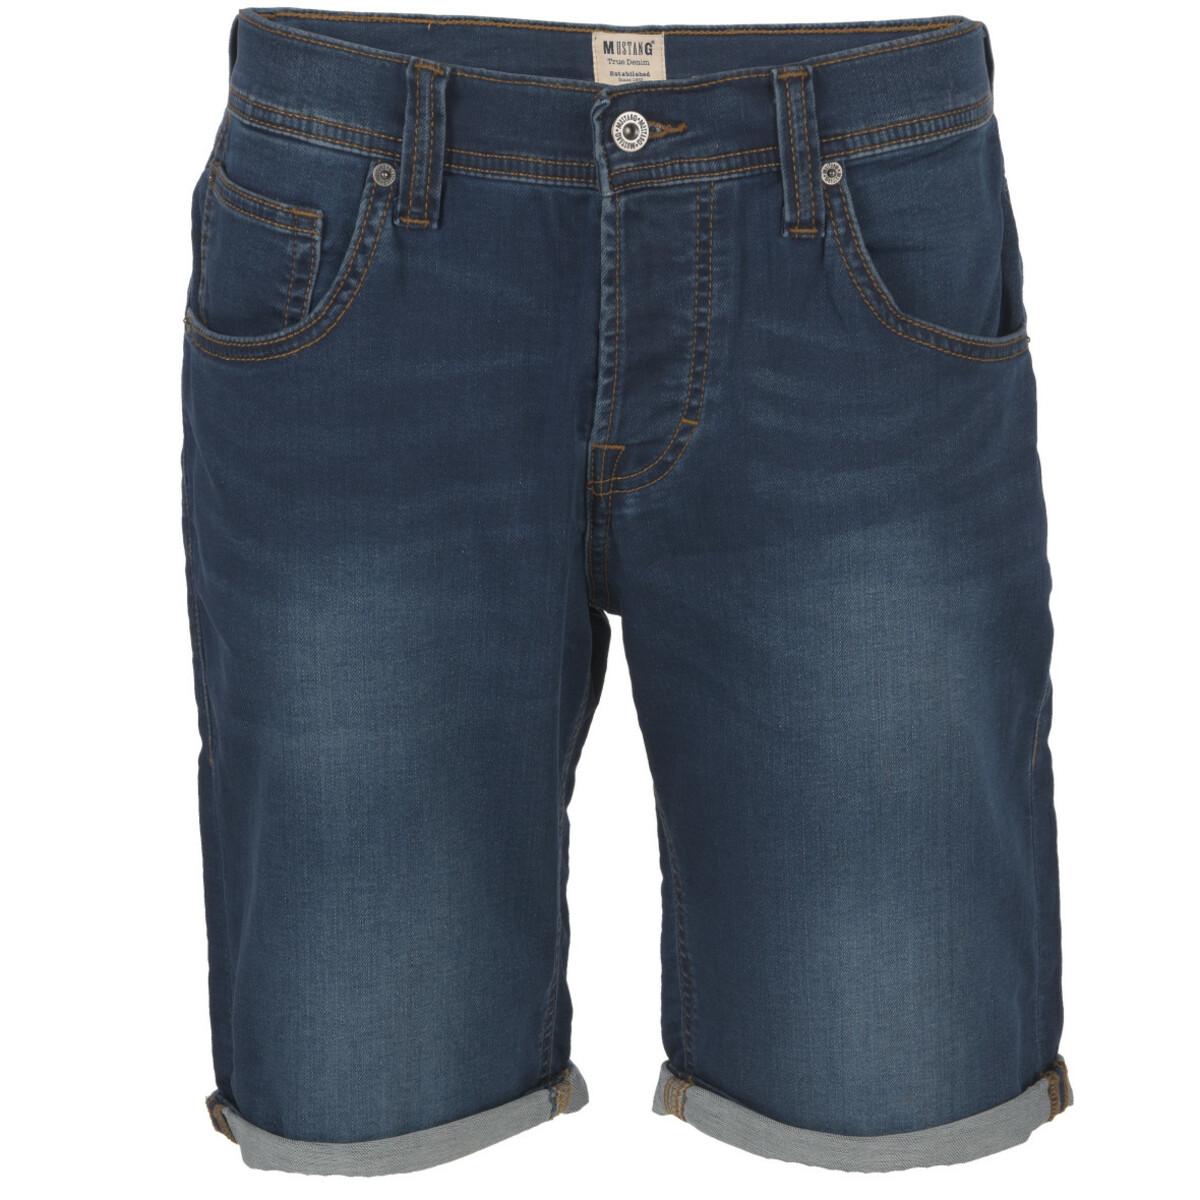 Bild 1 von Herren Mustang Jeans Shorts